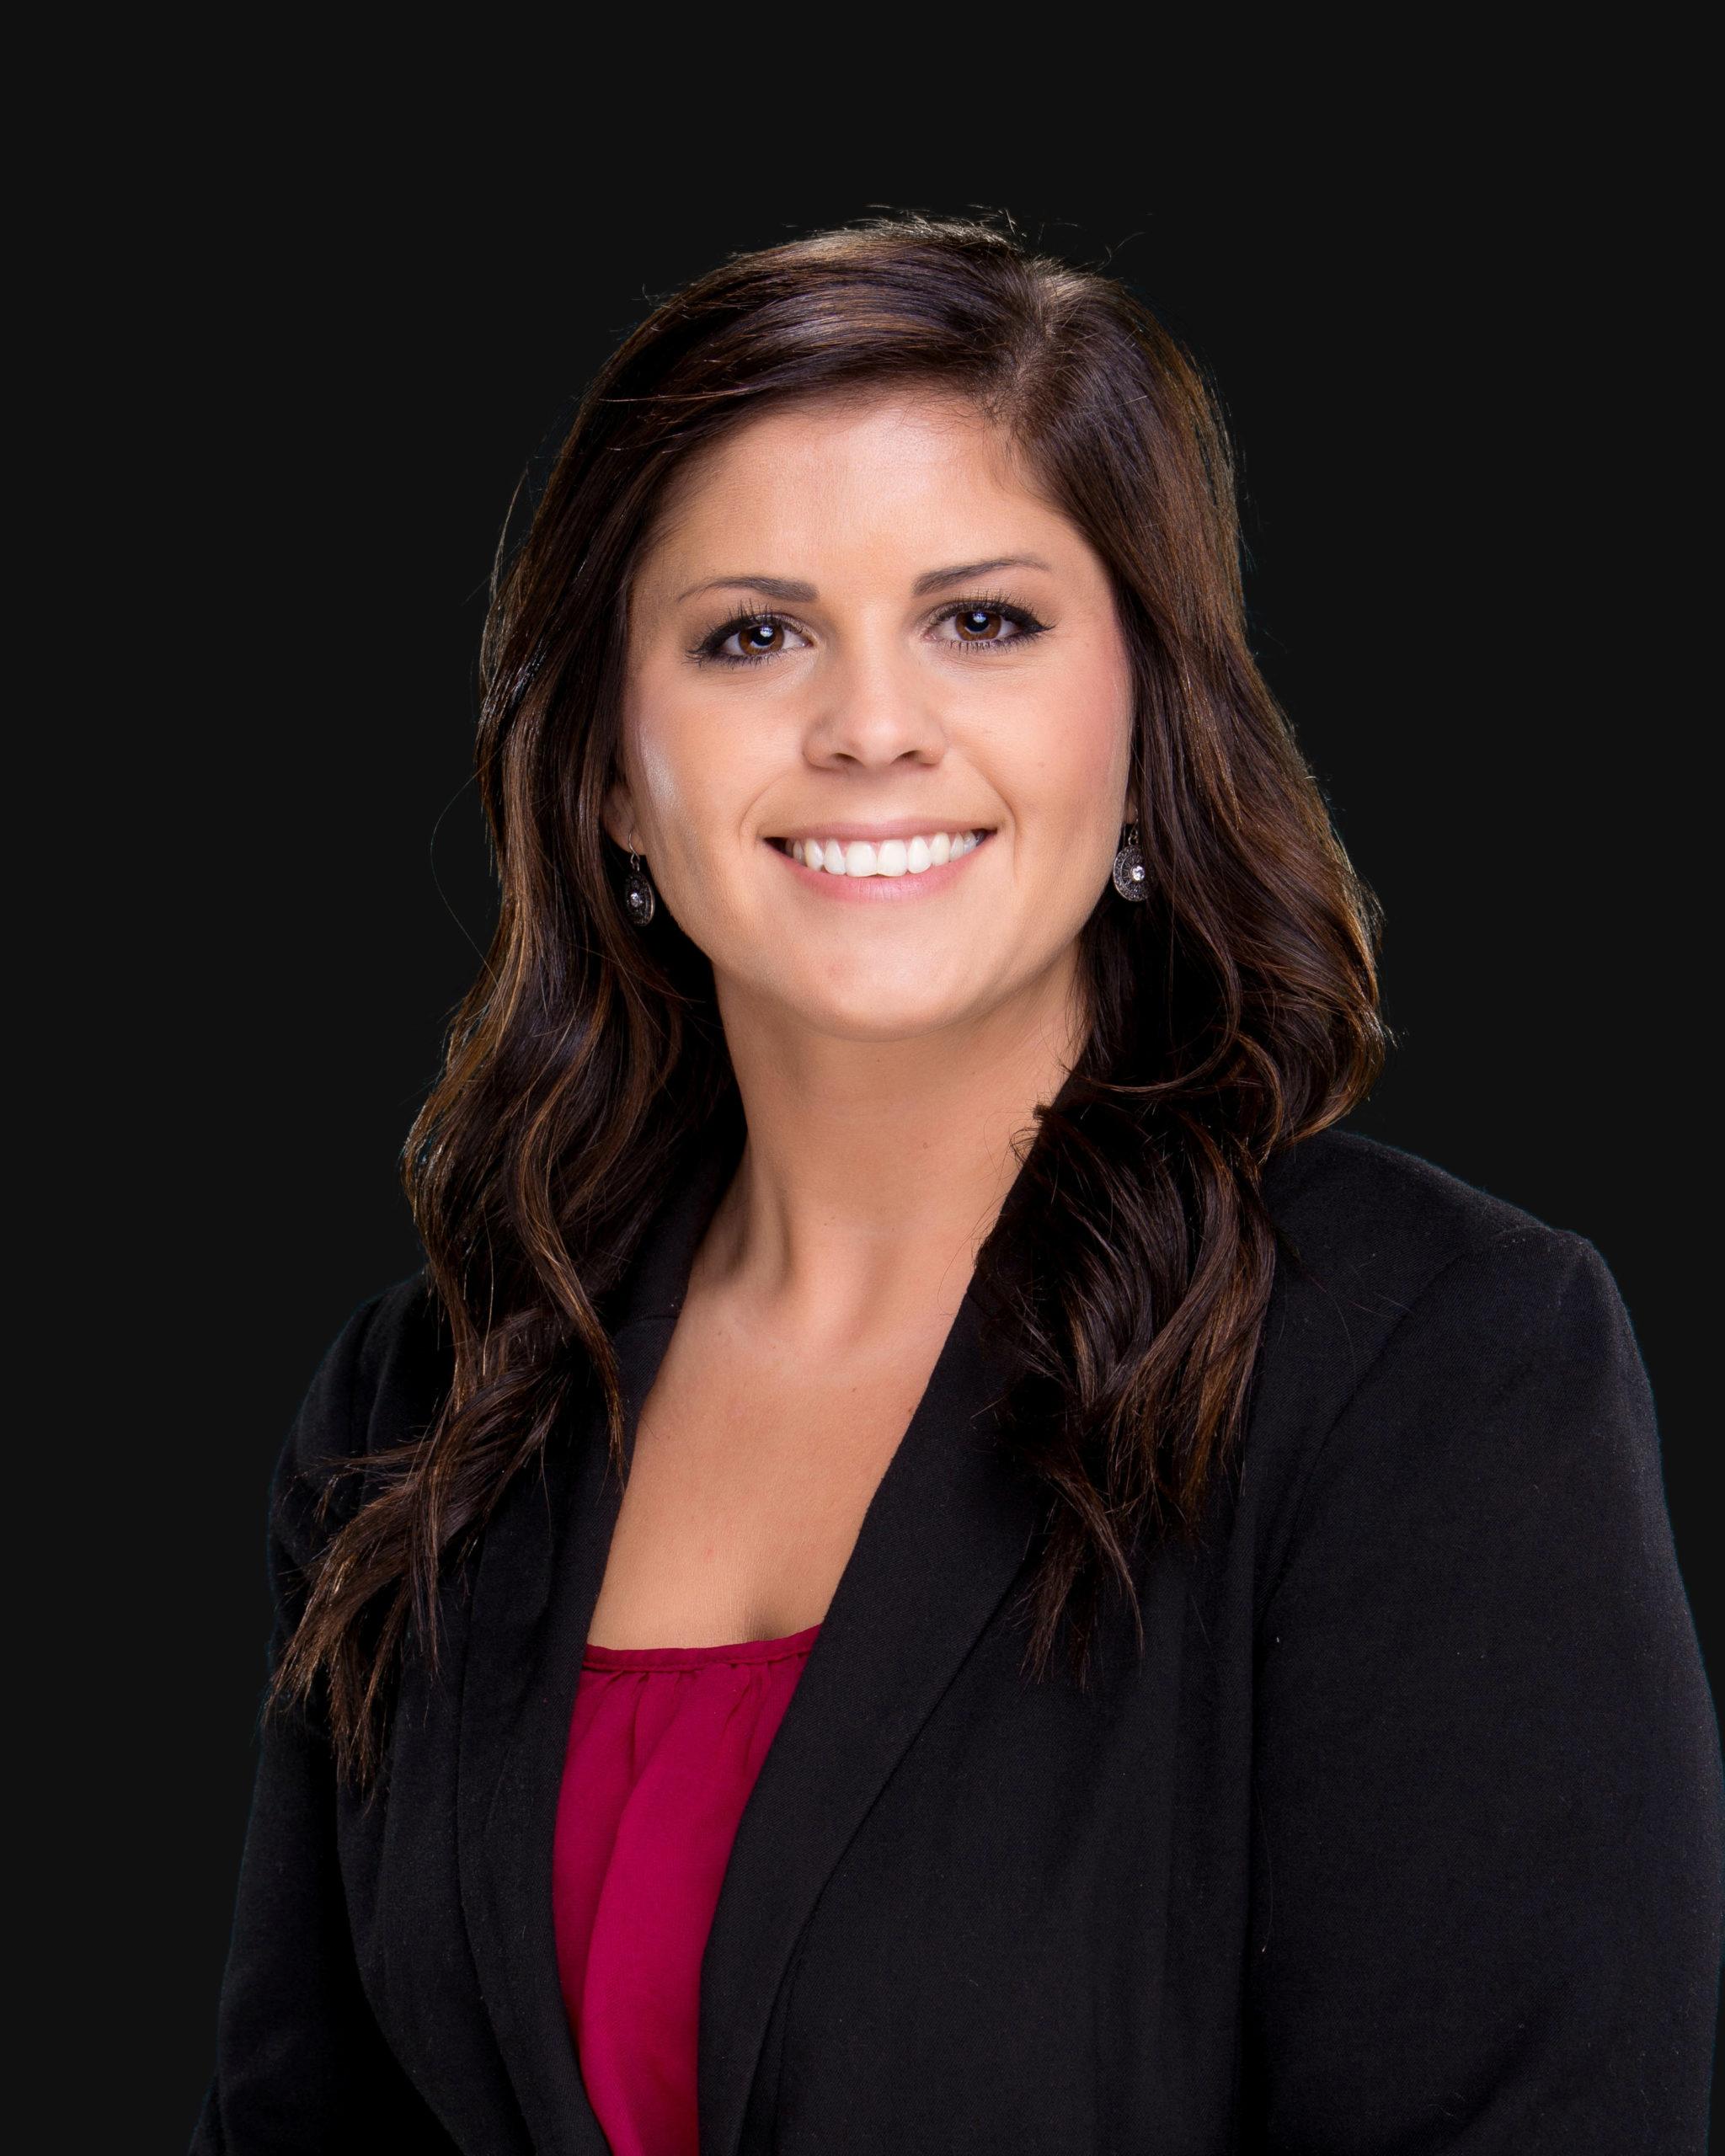 Mariah McDaniel